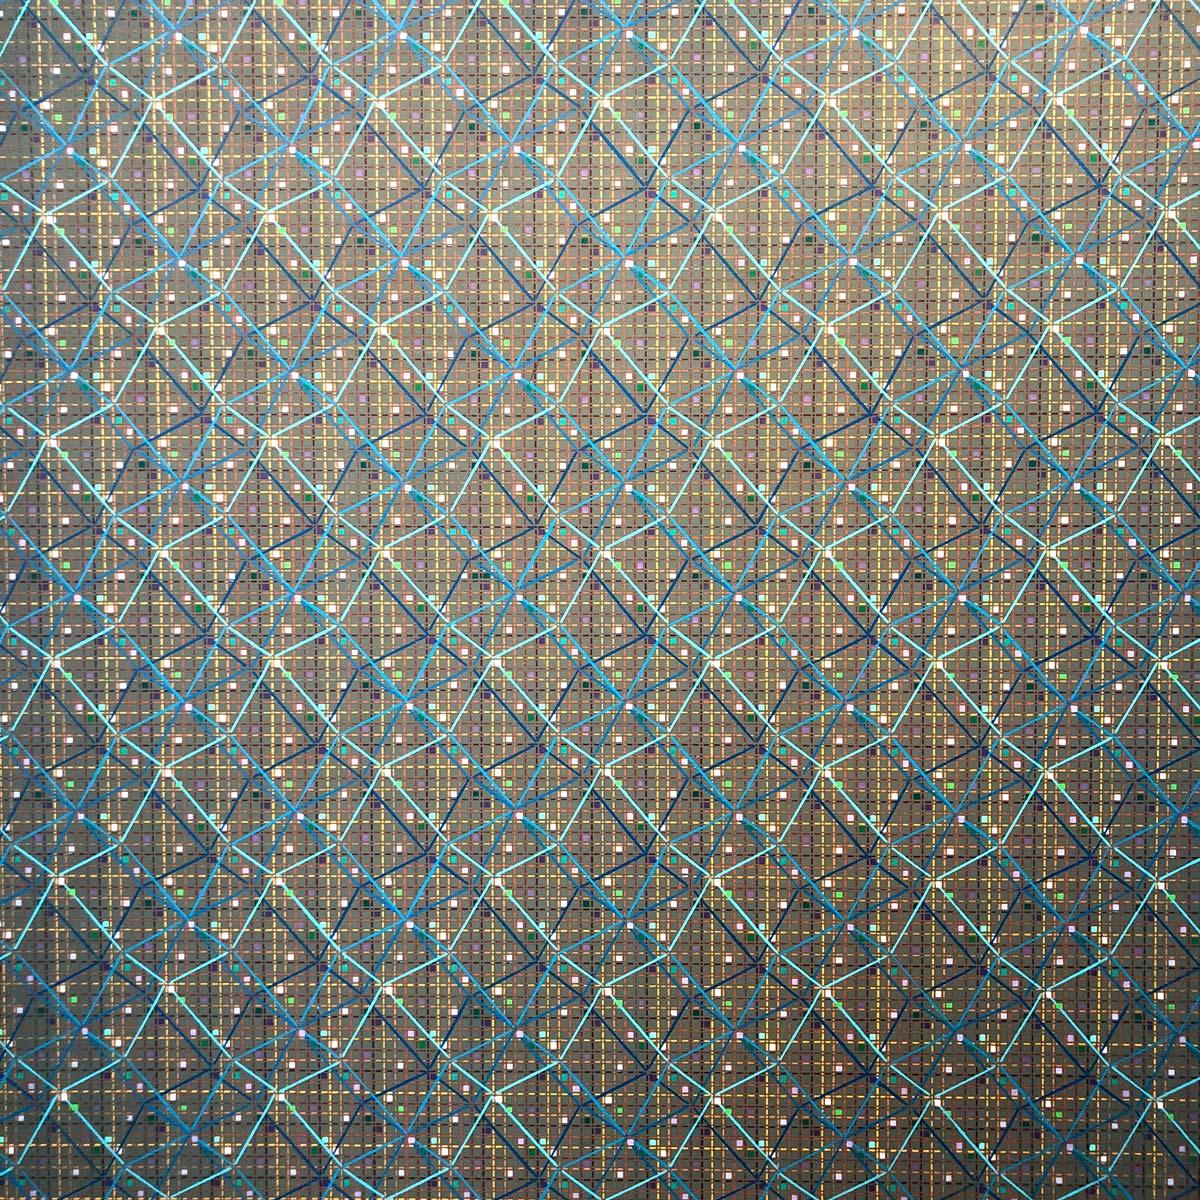 Geometrische Strukturen in einem Kunstwerk